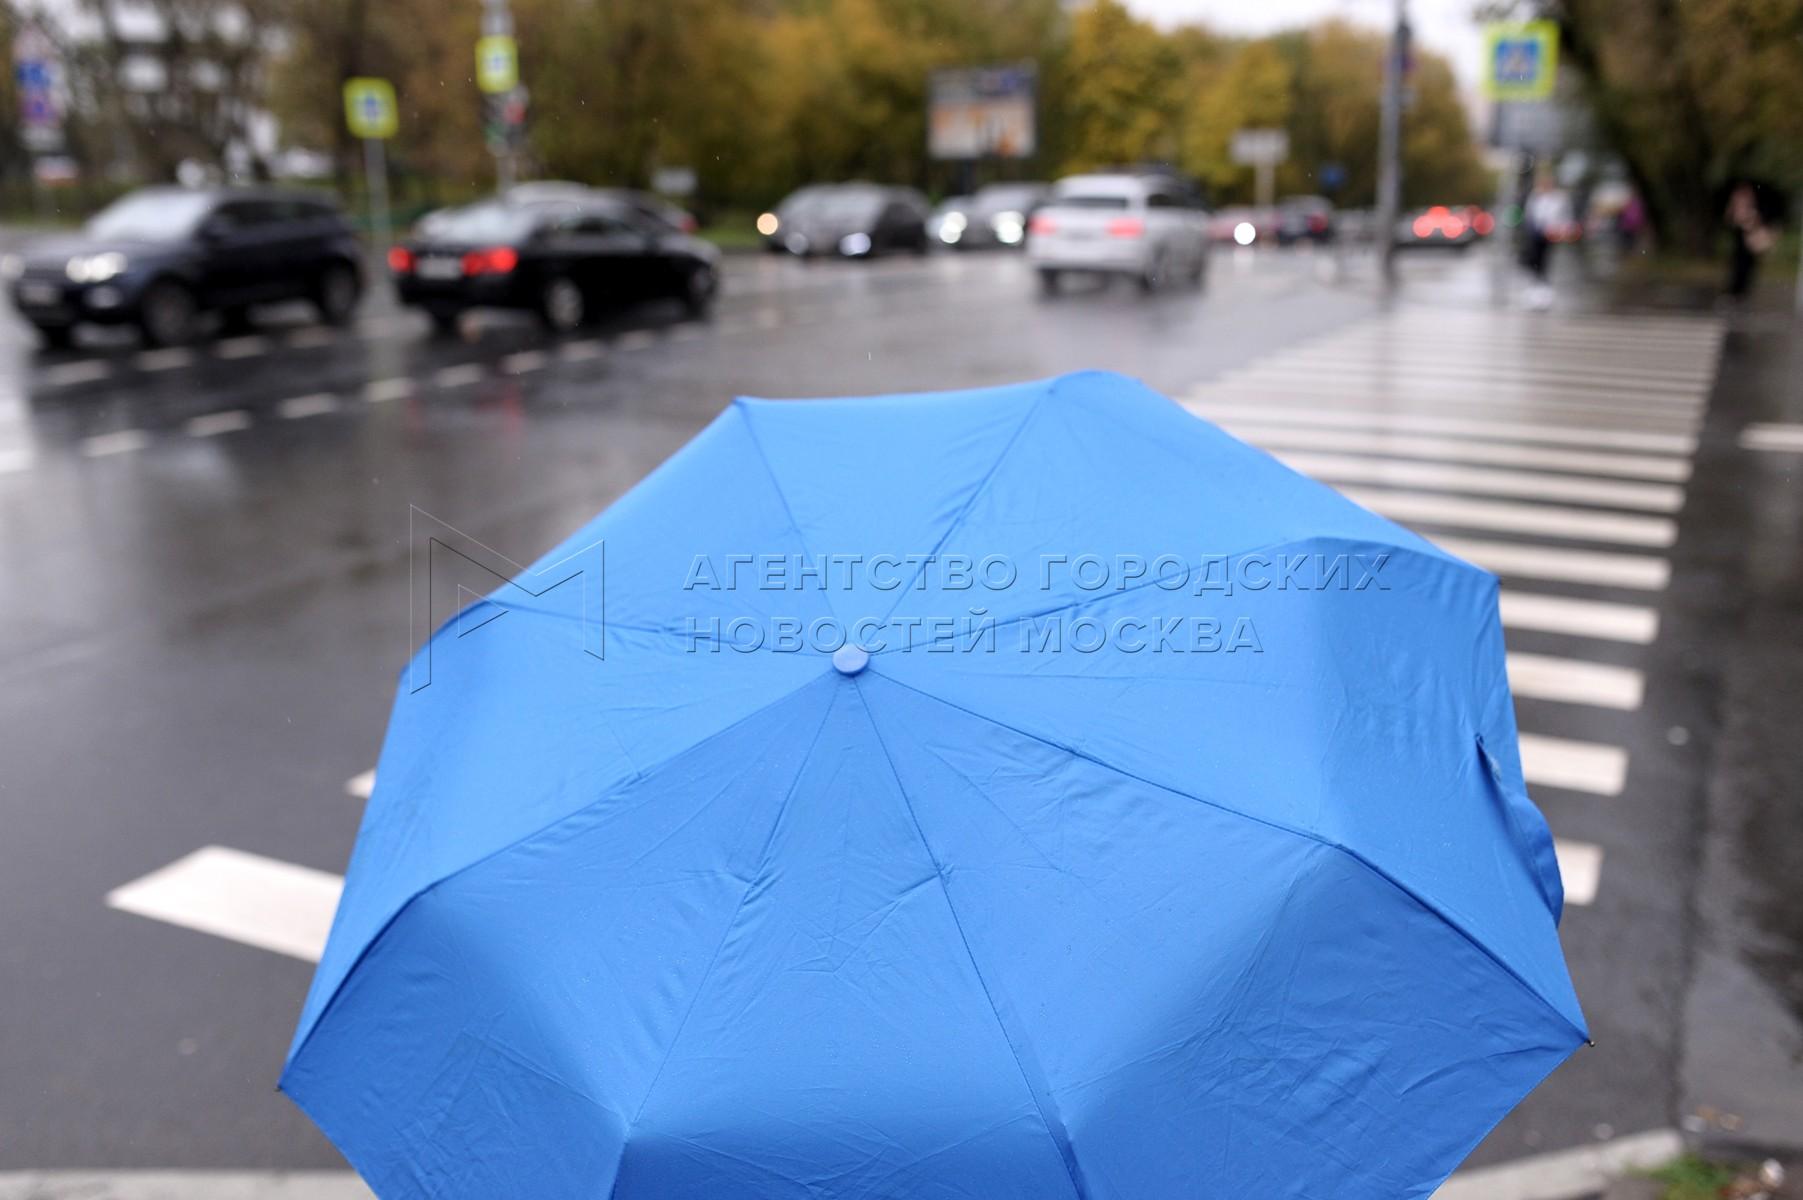 Автор: Авилов Александр. Дождь в Москве 13 октября